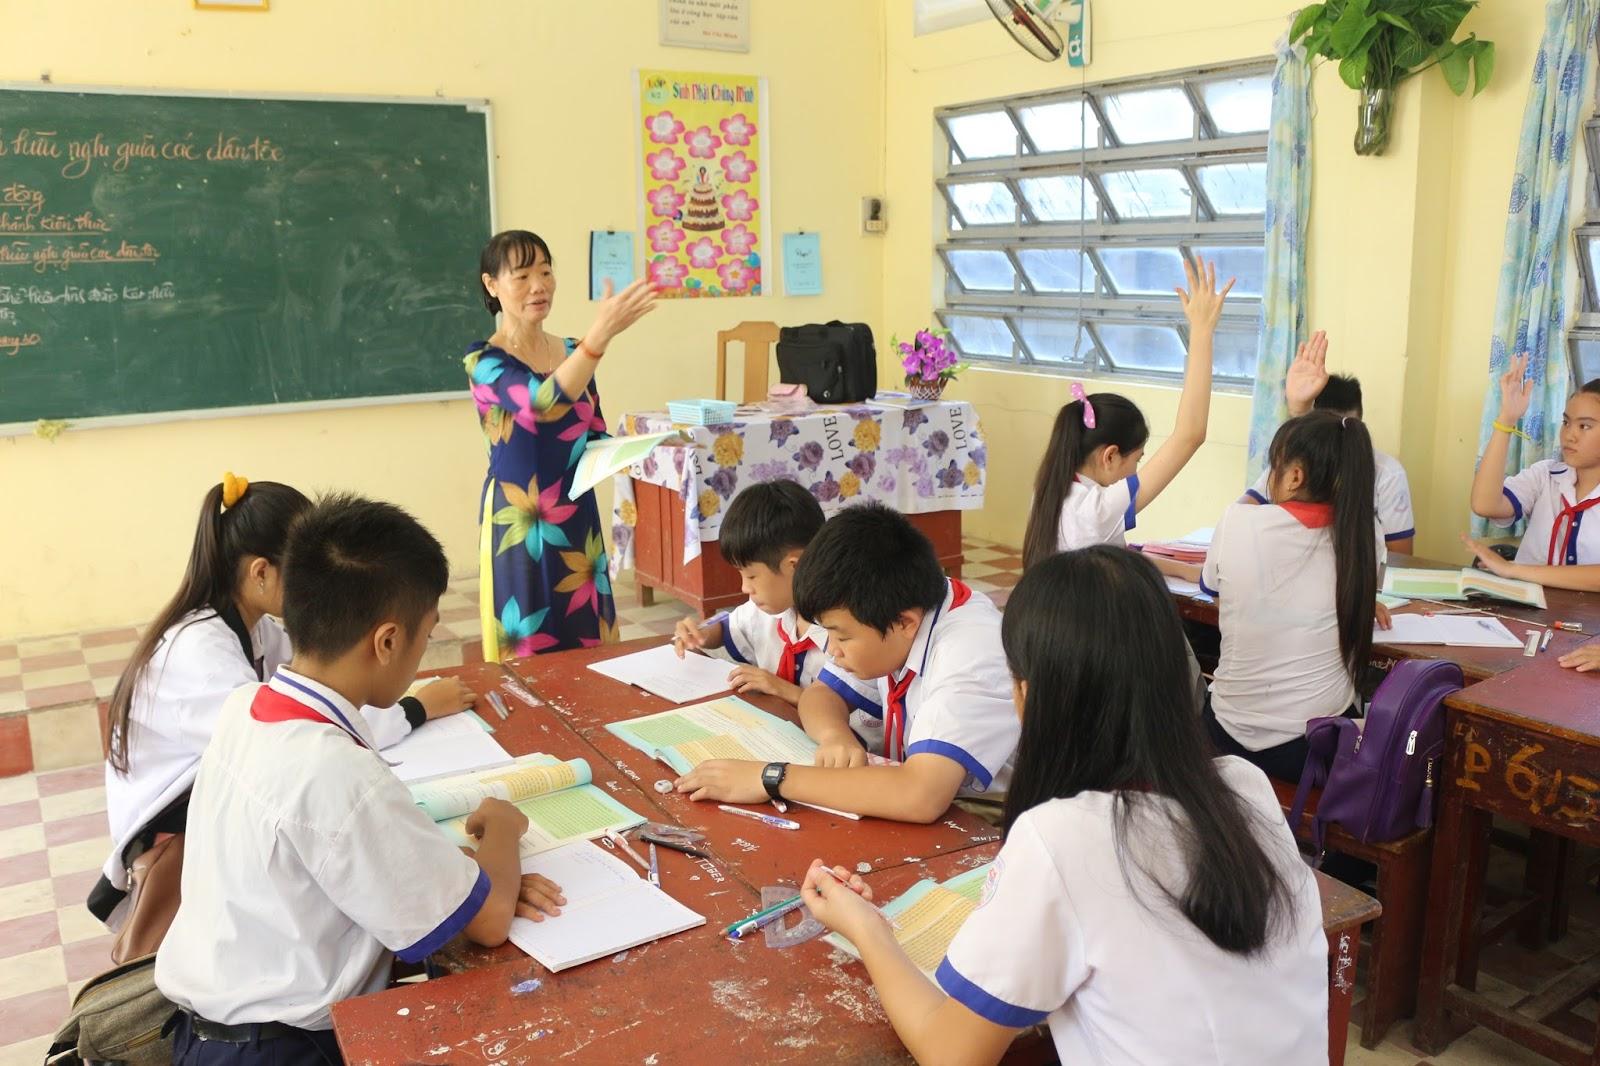 Việc học ở trường kết hợp ôn luyện thêm sẽ mang lại hiệu quả học tập tốt hơn, nhất là với những học sinh có học lực trung bình khá.